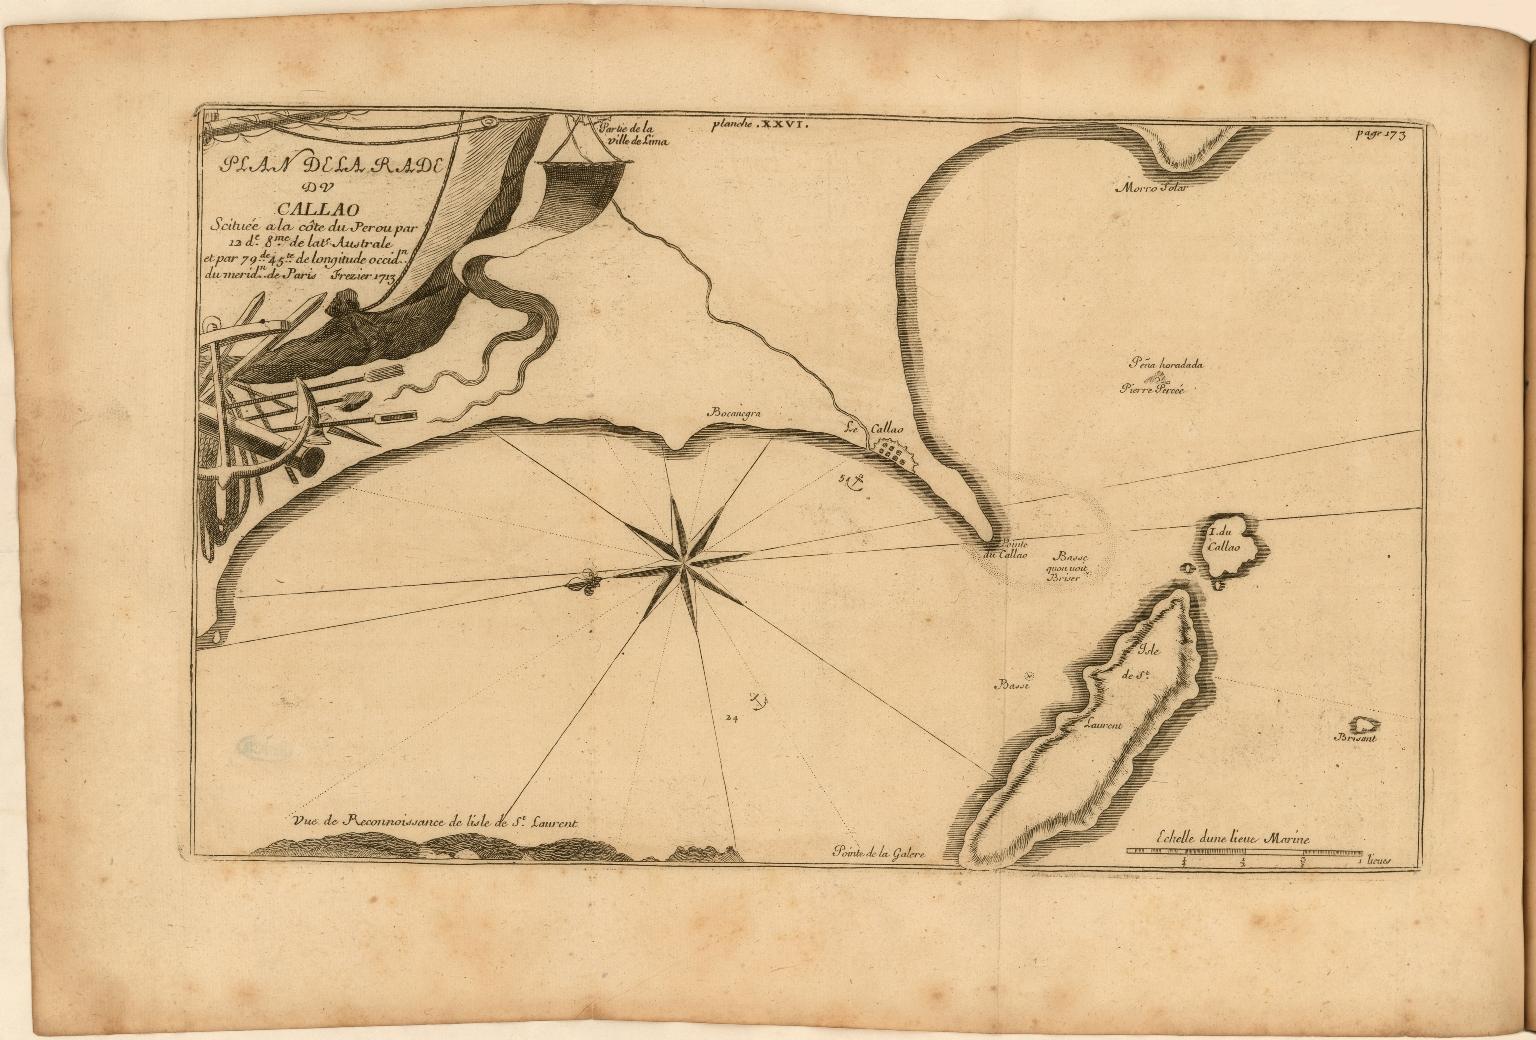 Plan de la Rade de Callao Scituée a la côte du Perou par 12de 8me. de late. Australe et par 79 de. 45te. de longitude occidn. de meridn. de Paris